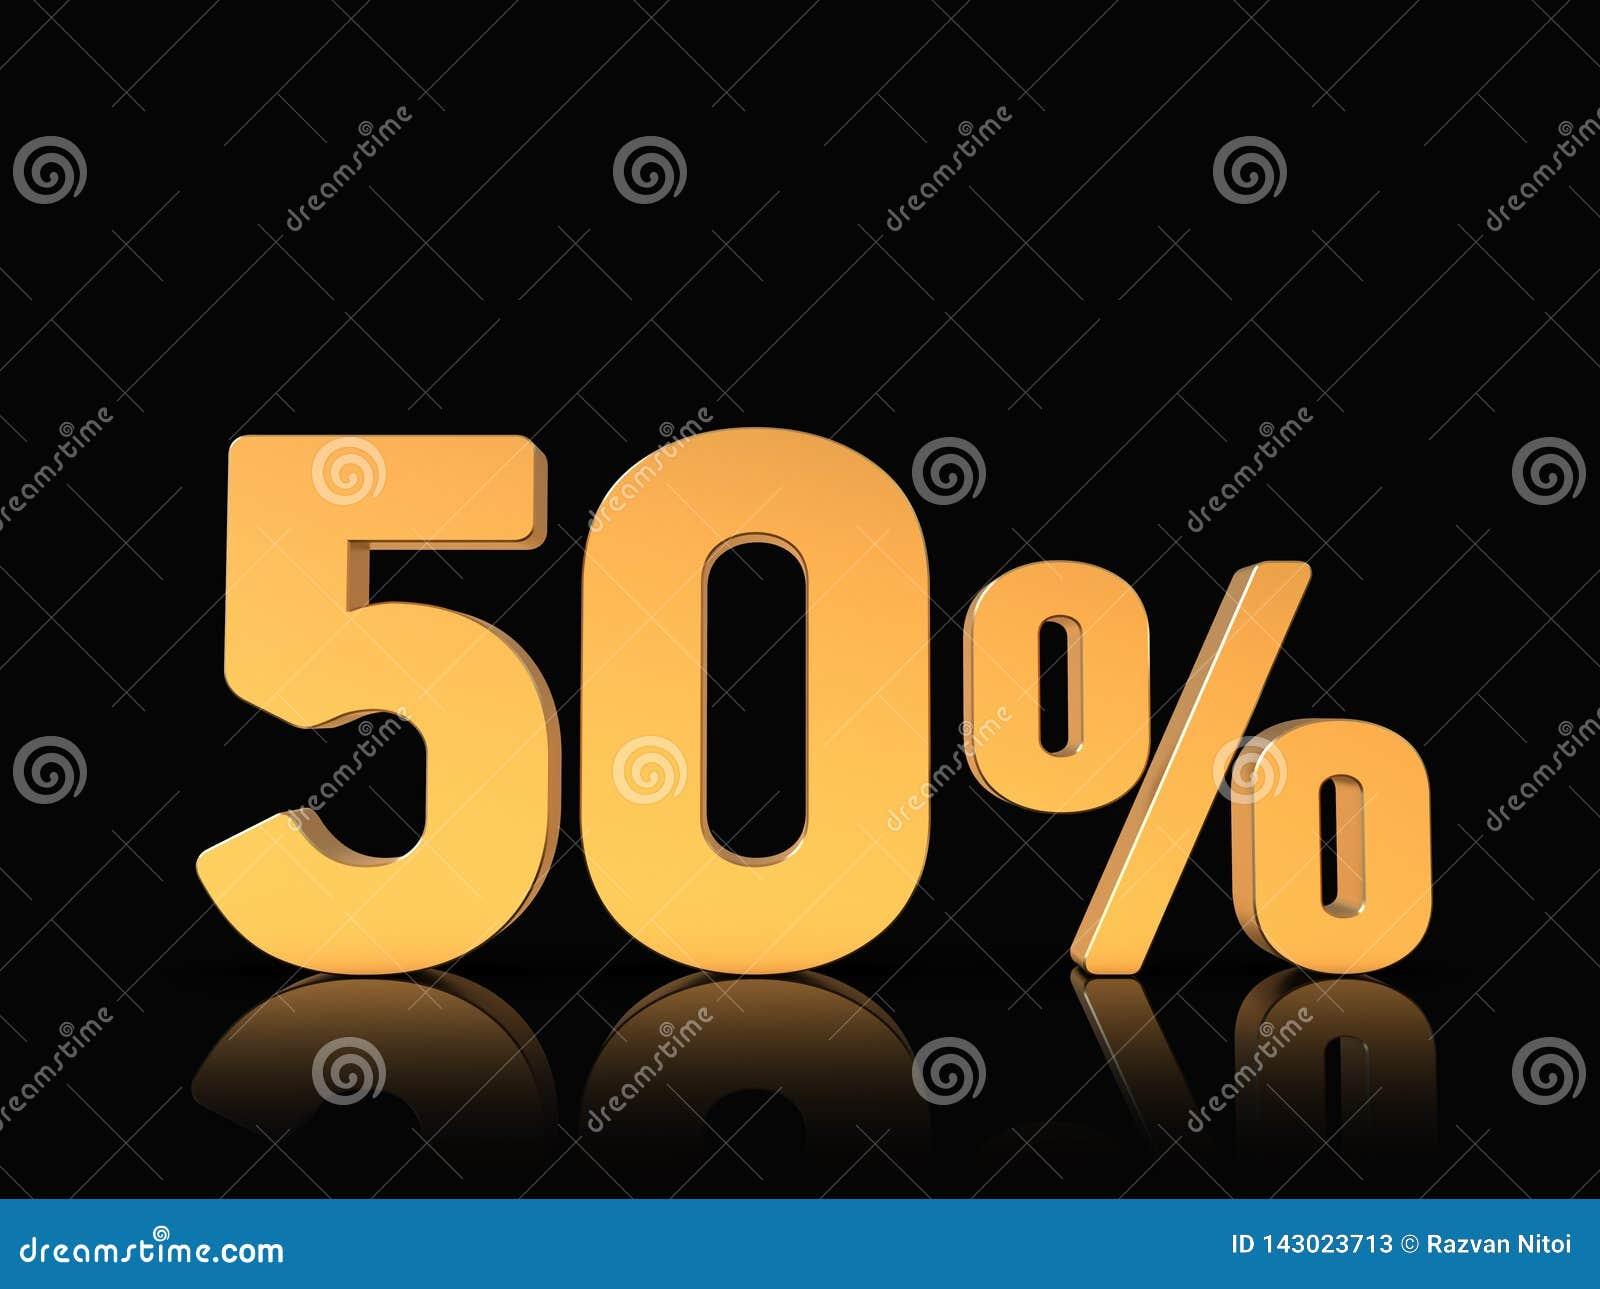 знак цены со скидкой 50 , 3D цифры, золото на черноте